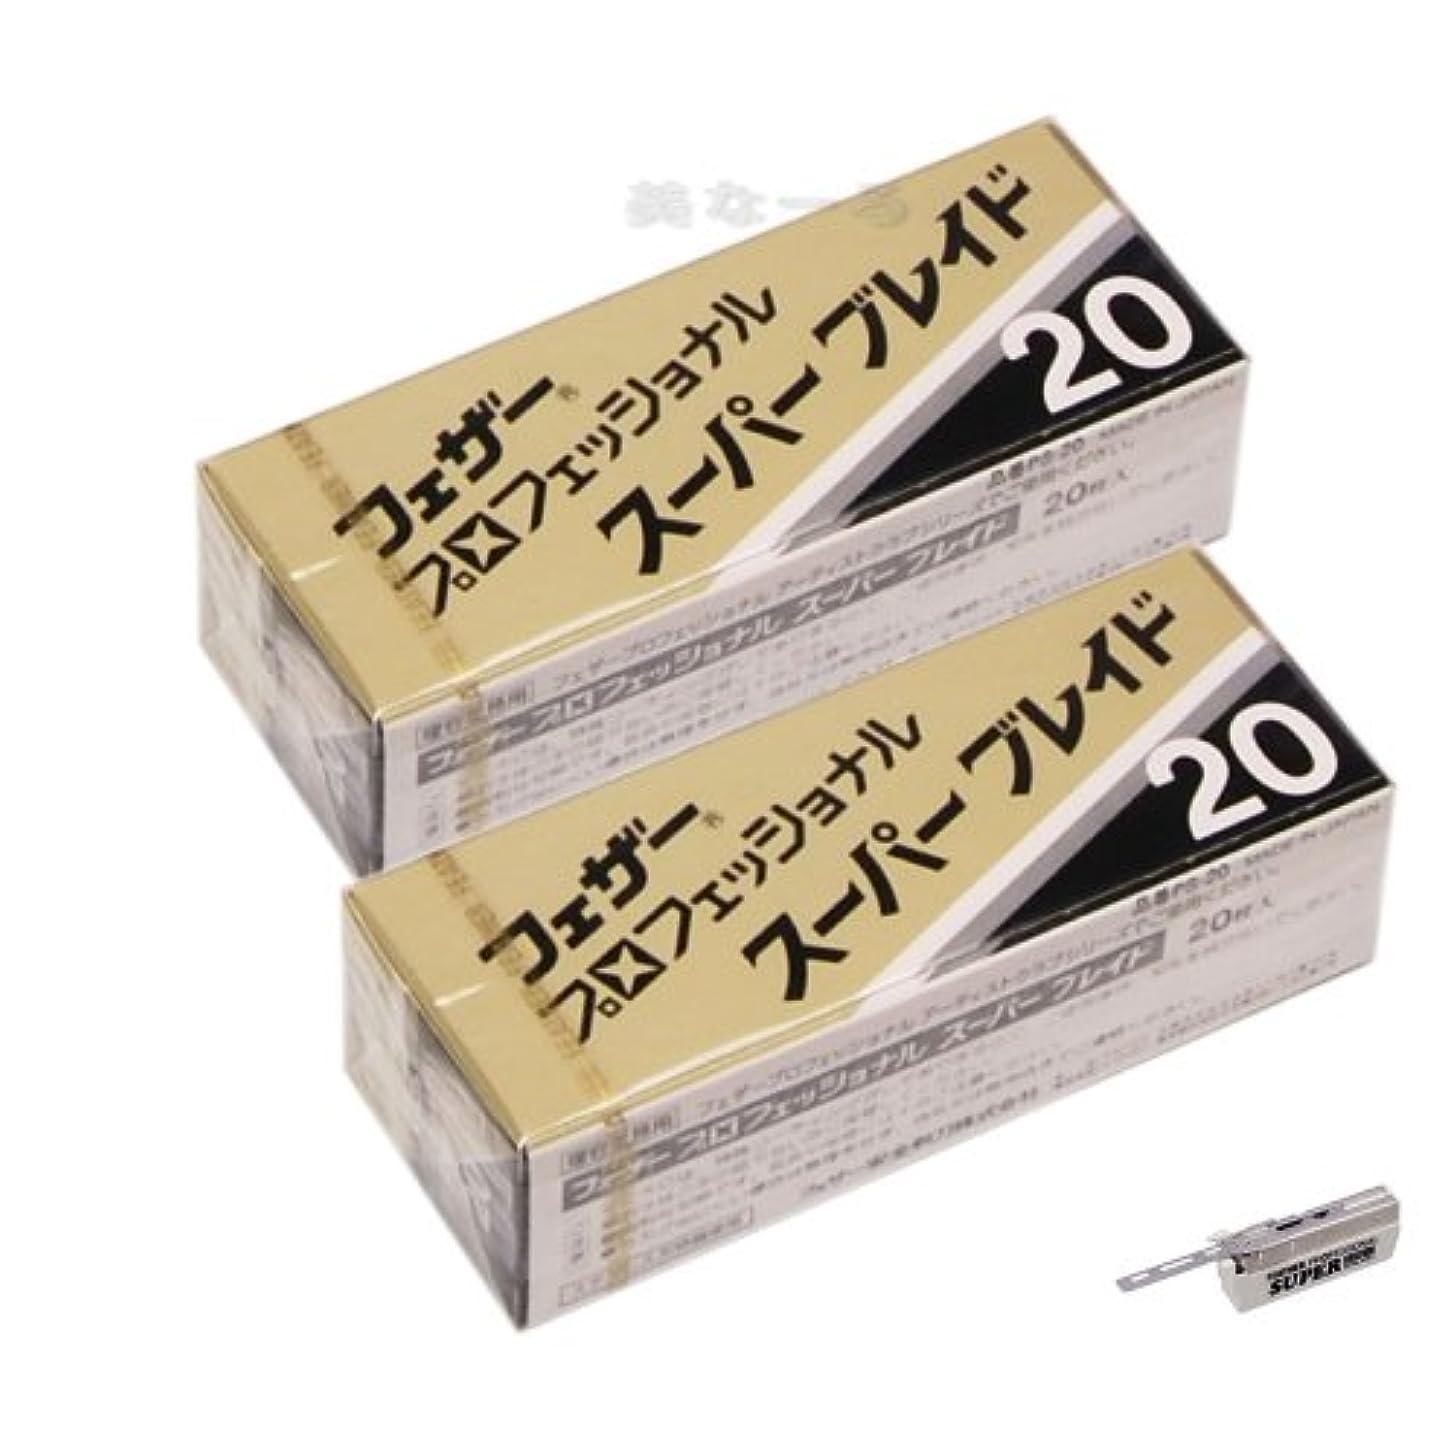 中問い合わせるチューブ【2個セット】フェザー プロフェッショナル スーパーブレード 20枚入 PS-20